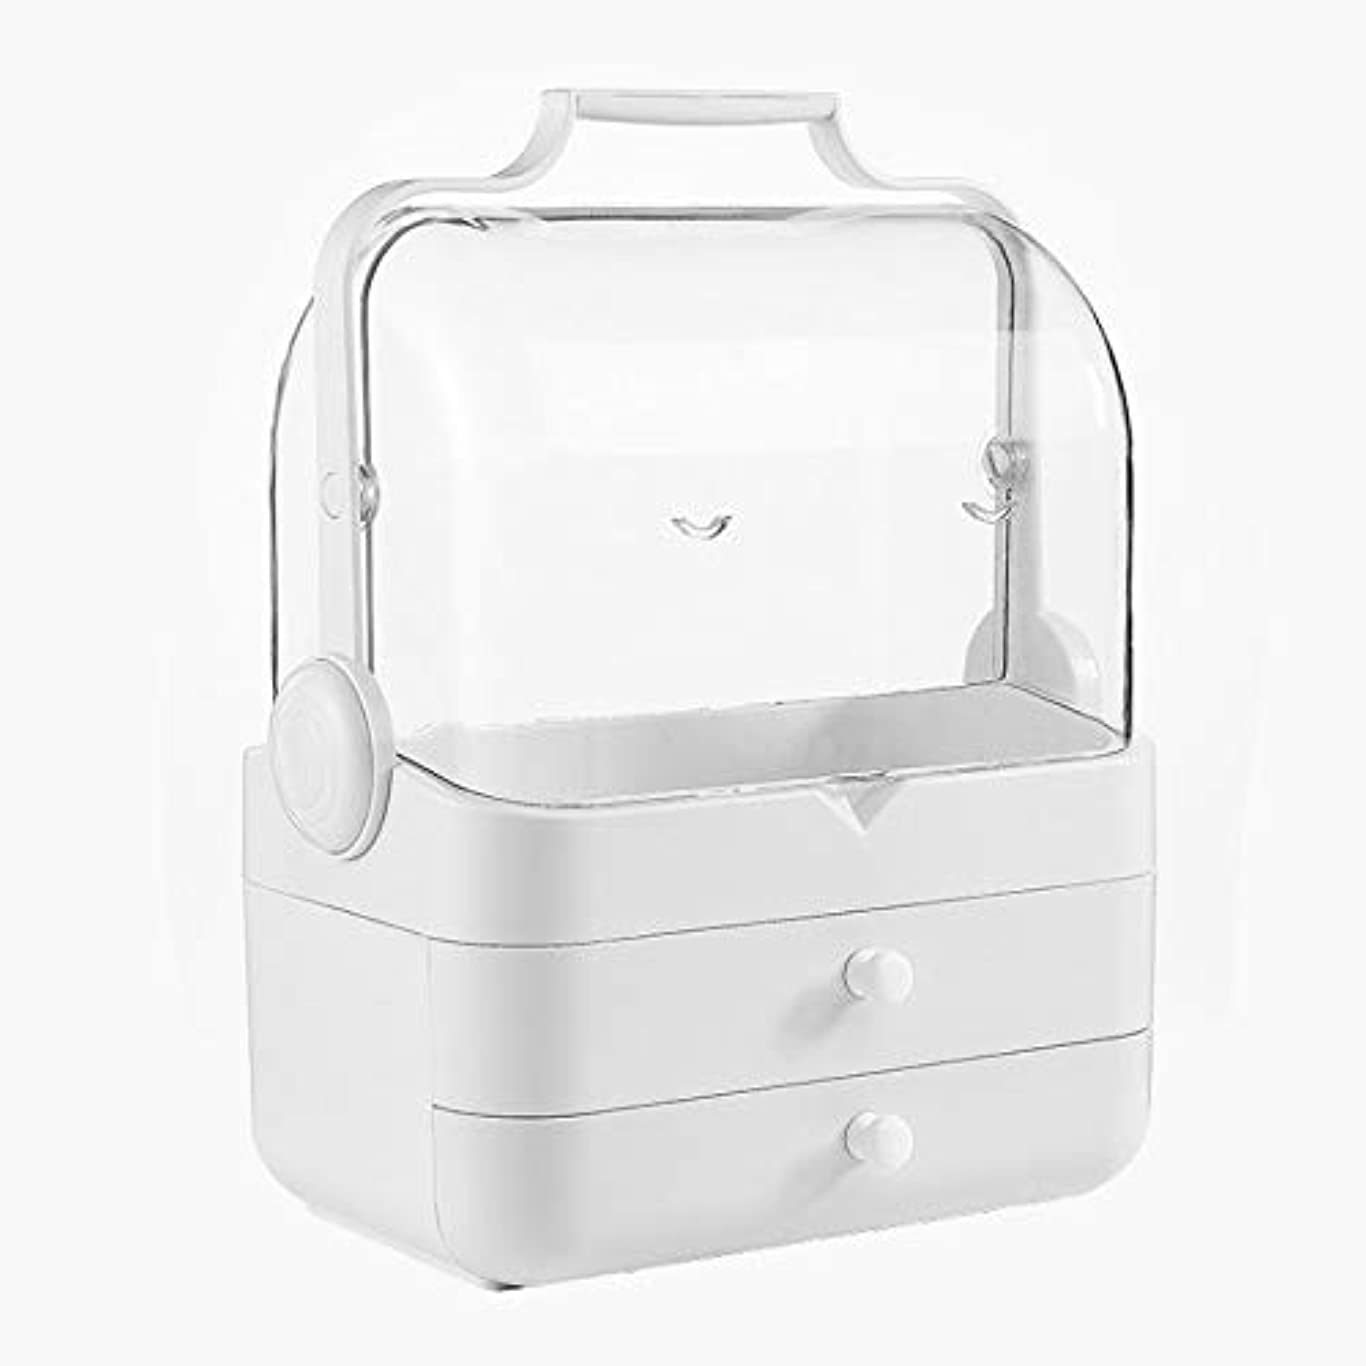 謎郵便屋さん郊外化粧箱、白い大容量フリップ防塵化粧品ケース、ポータブル旅行化粧品ケース、美容ネイルジュエリー収納ボックス